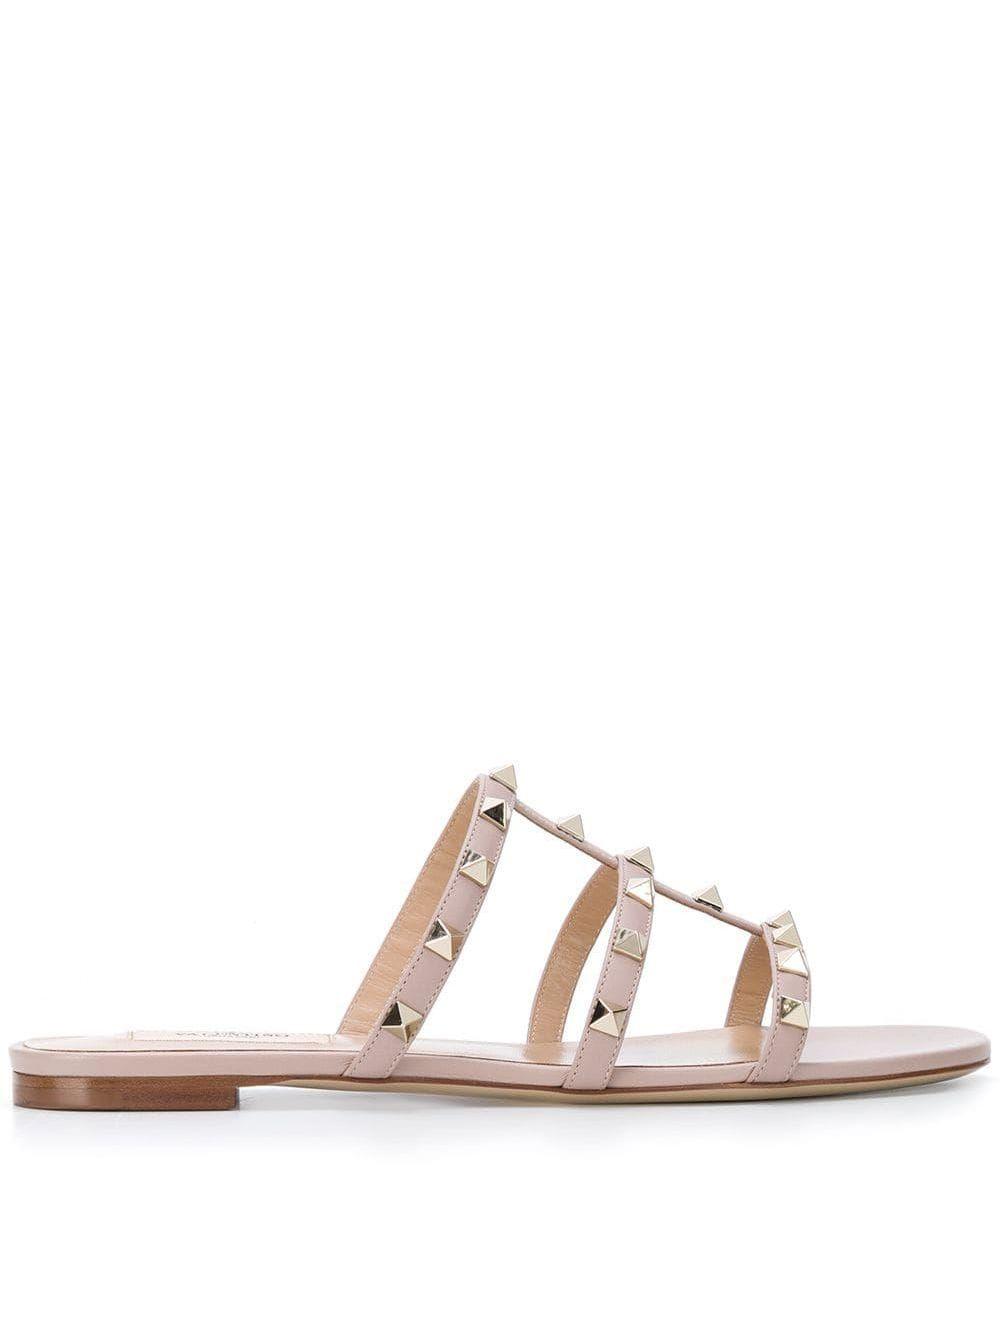 Sandalo rockstud in pelle